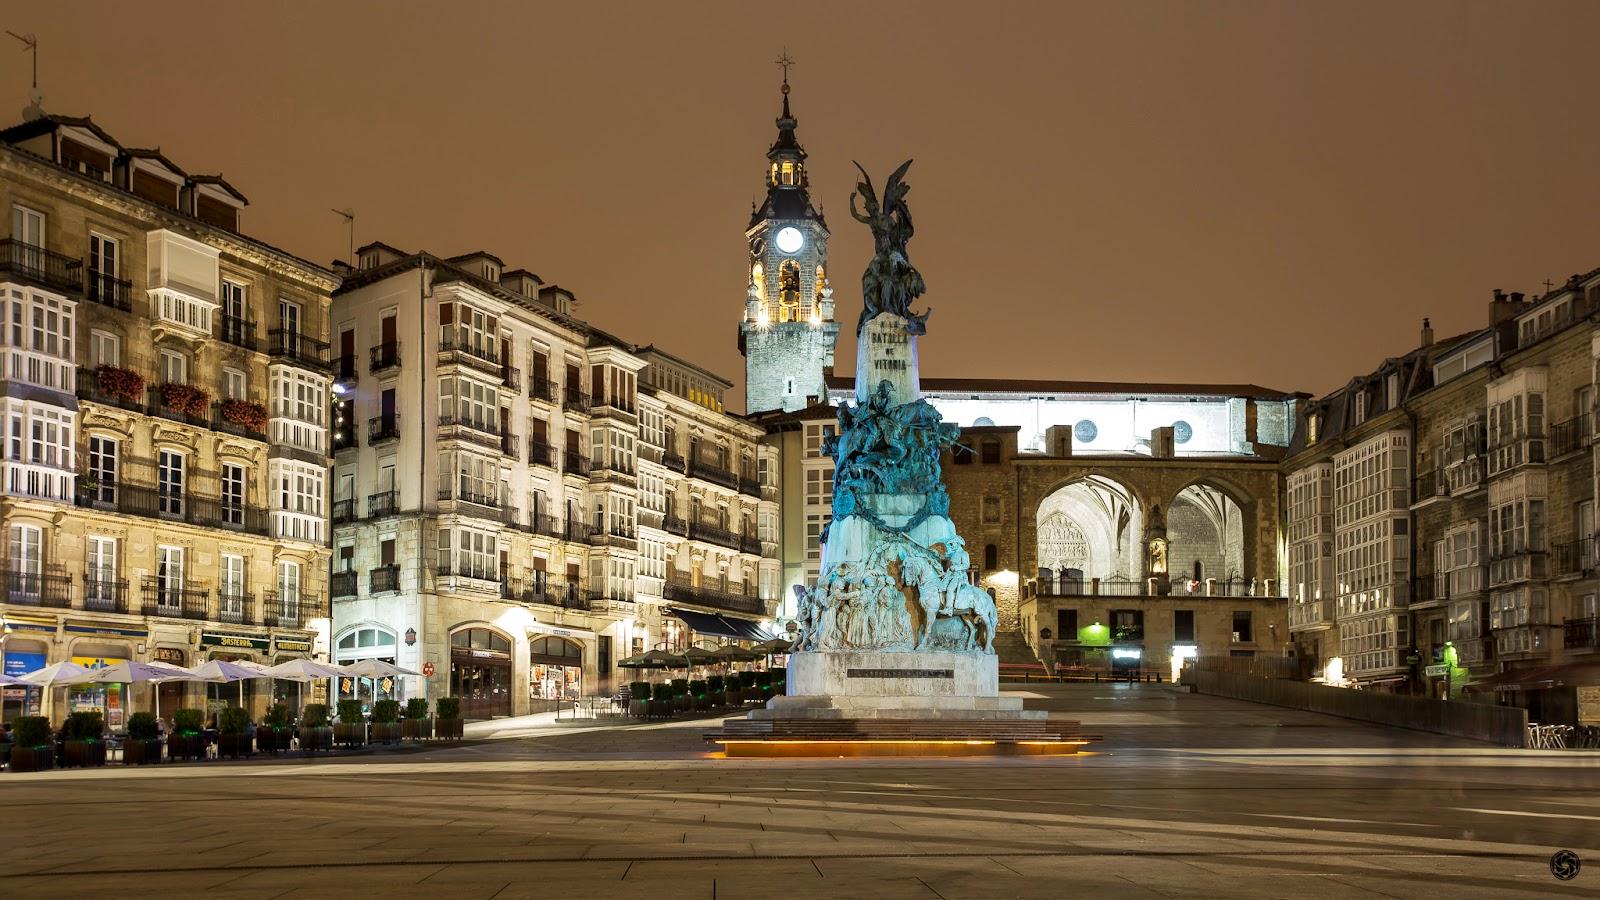 Plaza de la Virgen Blanca de Vitoria :: Canon EOS 5D MkIII | ISO100 | Canon 17-40 @35mm | f/11 | 30s